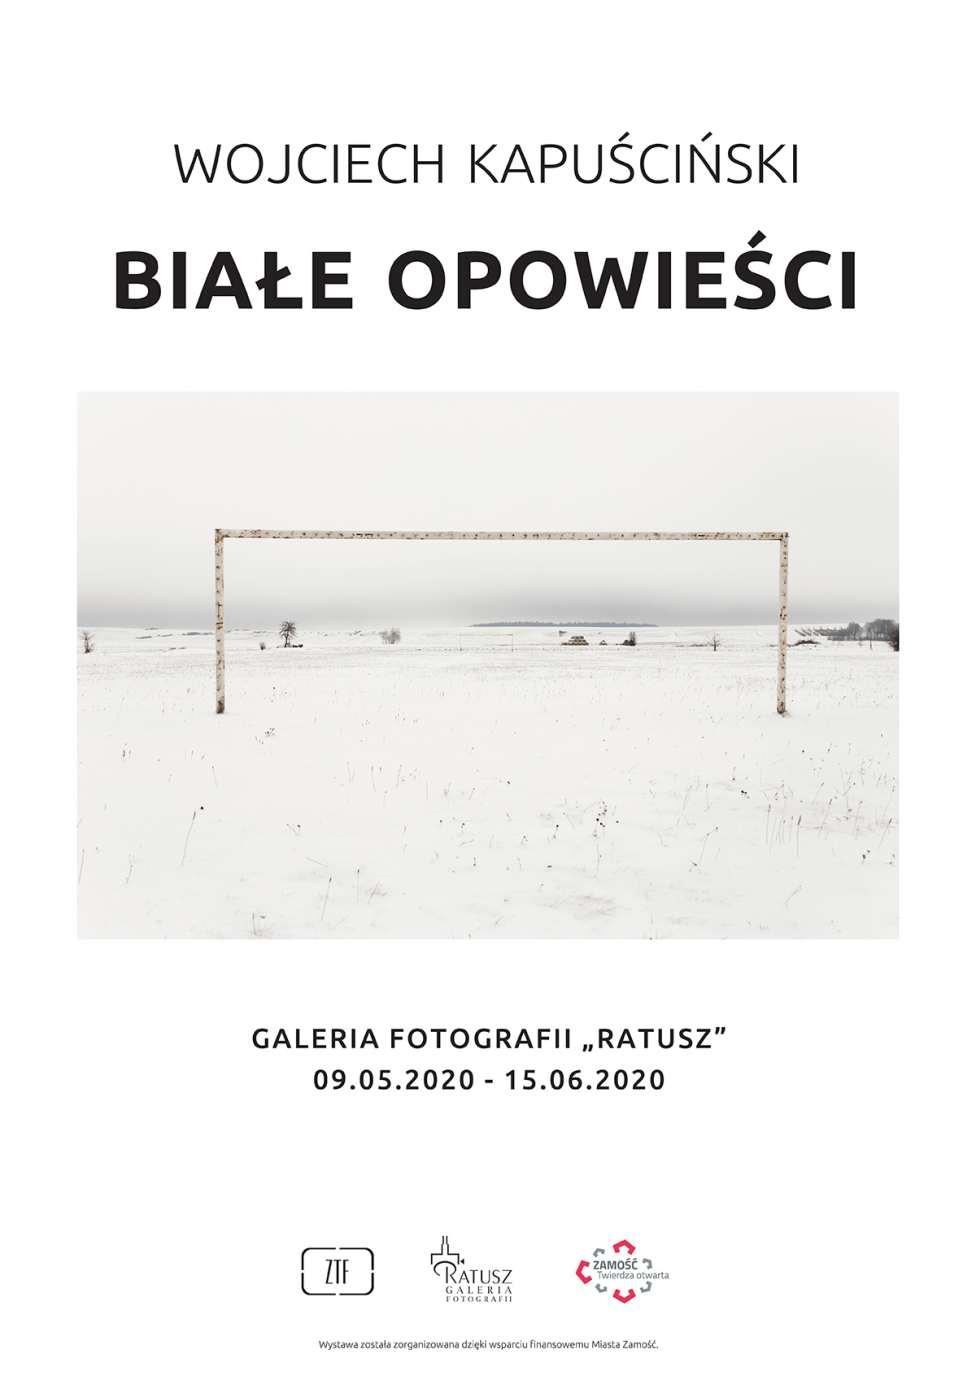 kapuscinski plakat web Białe opowieści w Galerii Fotografii Ratusz